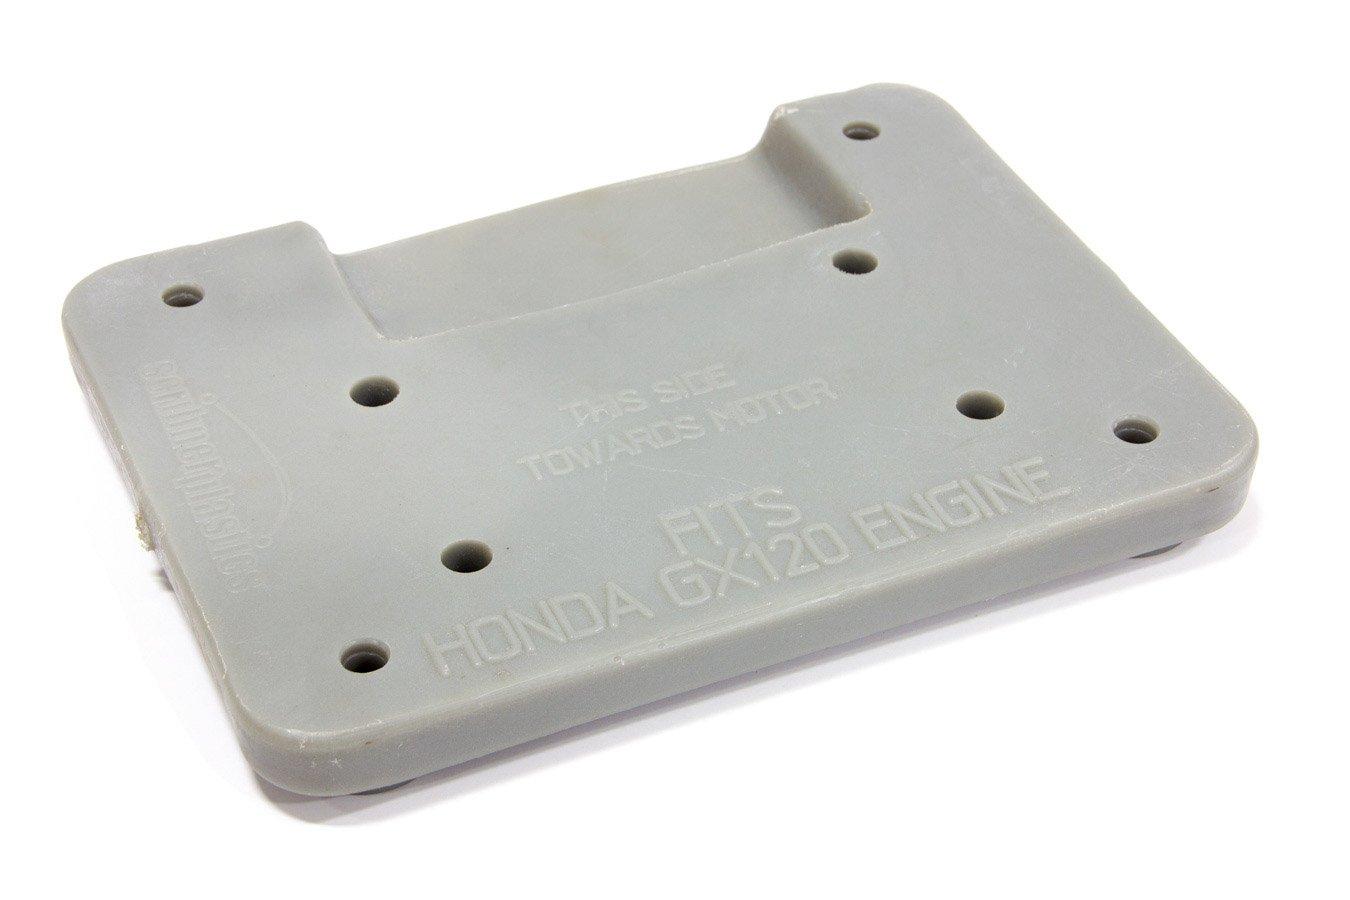 Scribner 5175HO Insert (for Honda GX120 &GX160), 1 Pack